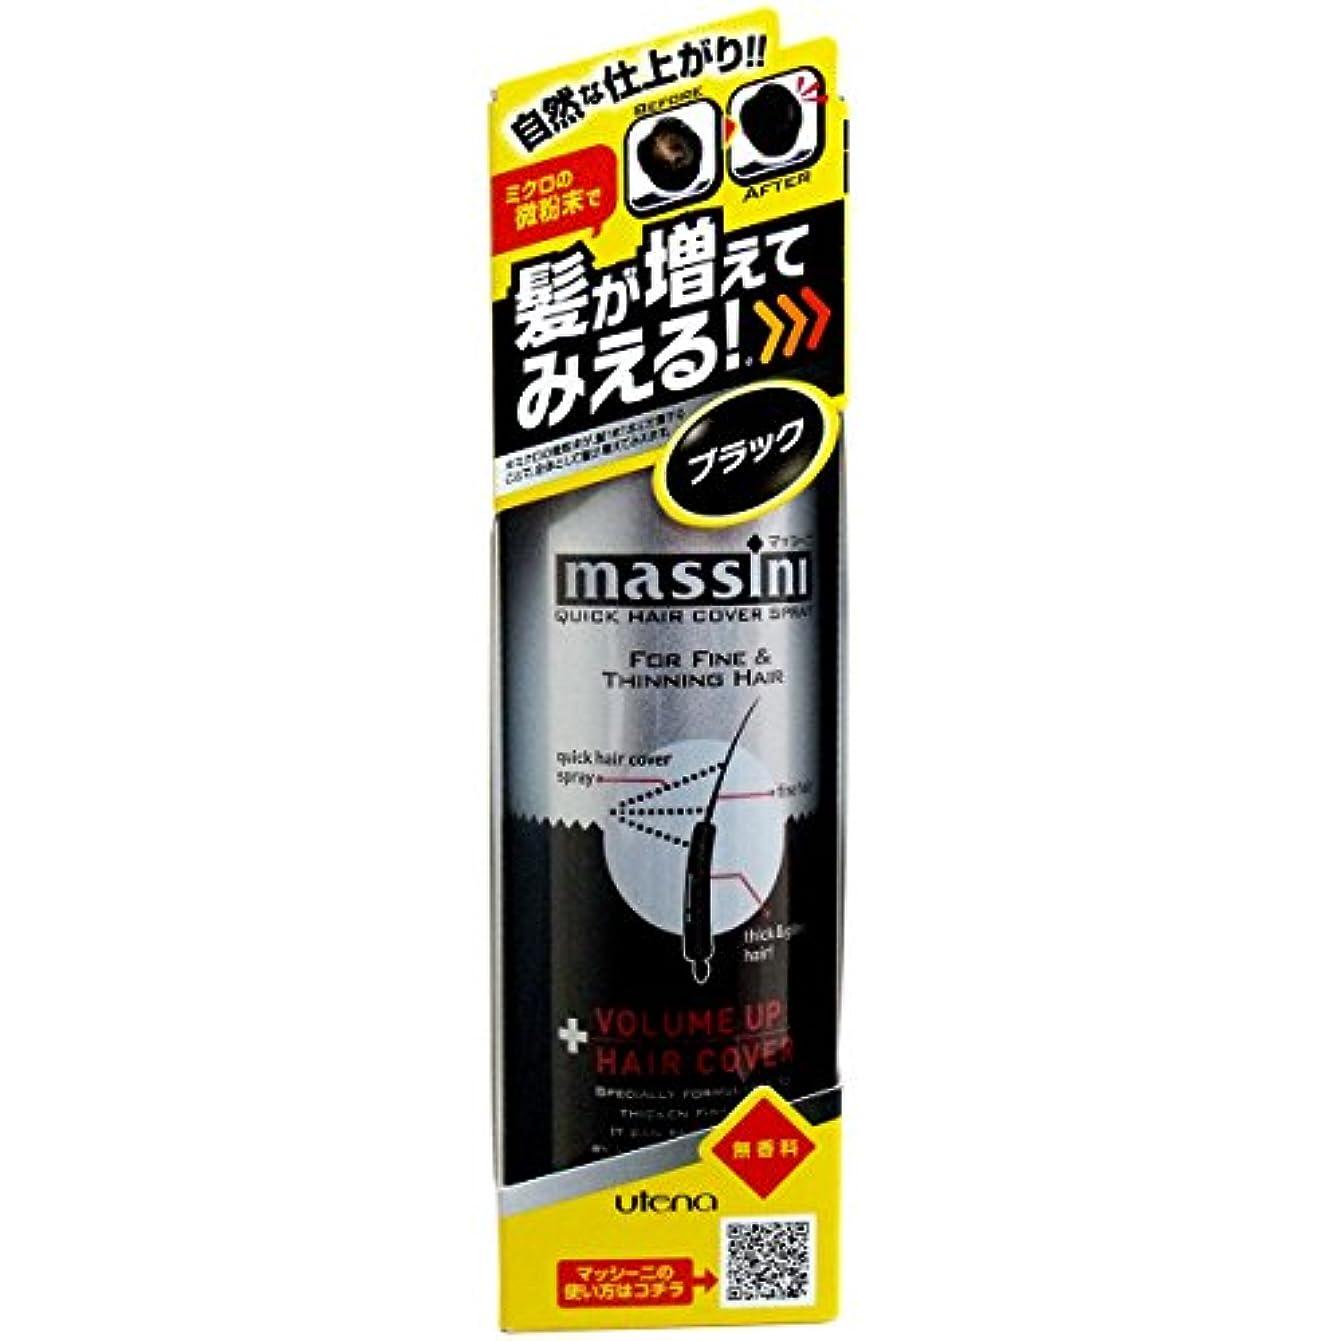 【まとめ買い】マッシーニ クイックヘアカバースプレーBK(ブラック) 1P ×2セット